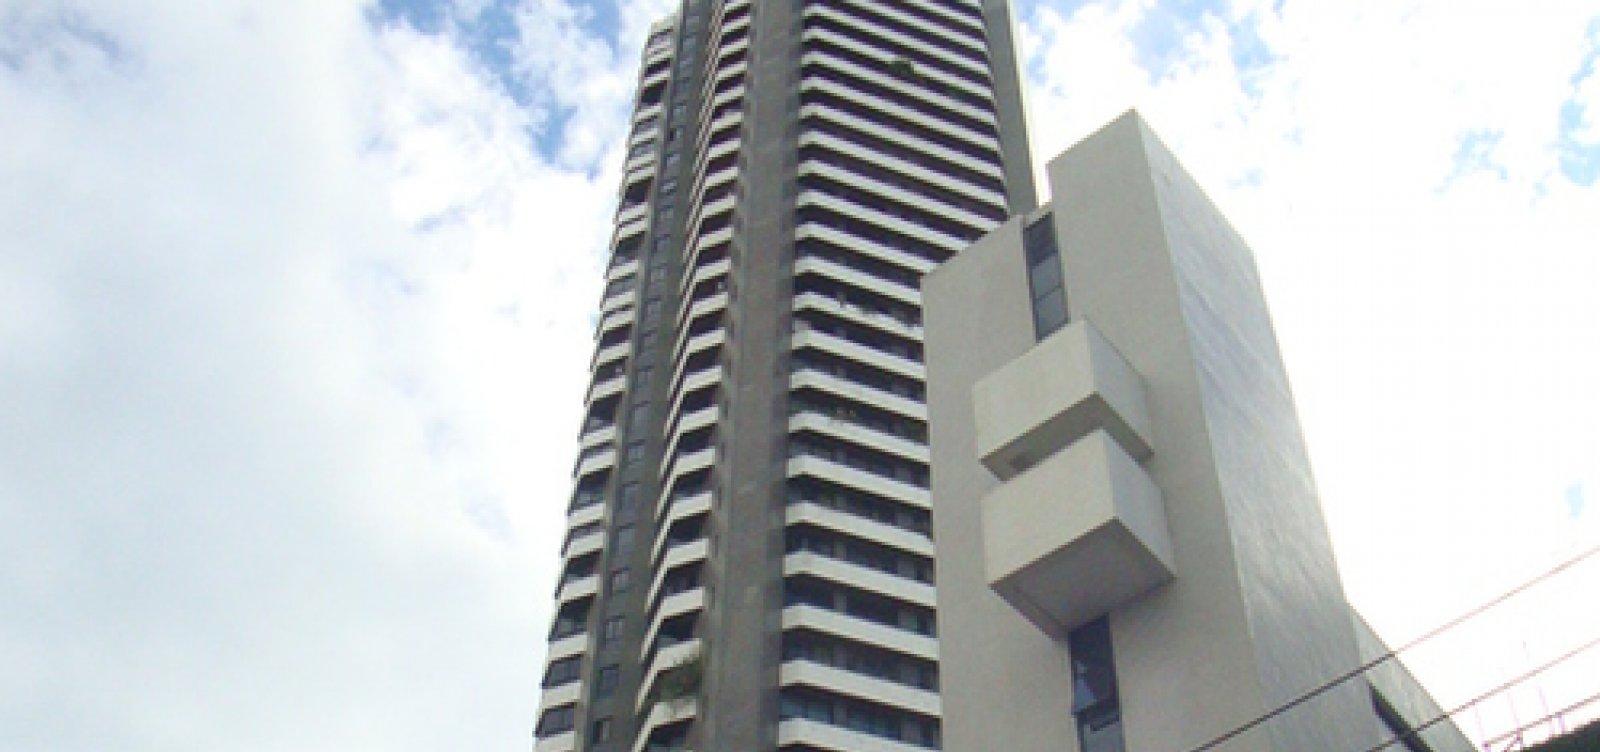 Suspeitos de envolvimento em roubo de prédio de luxo são presos na BR 116